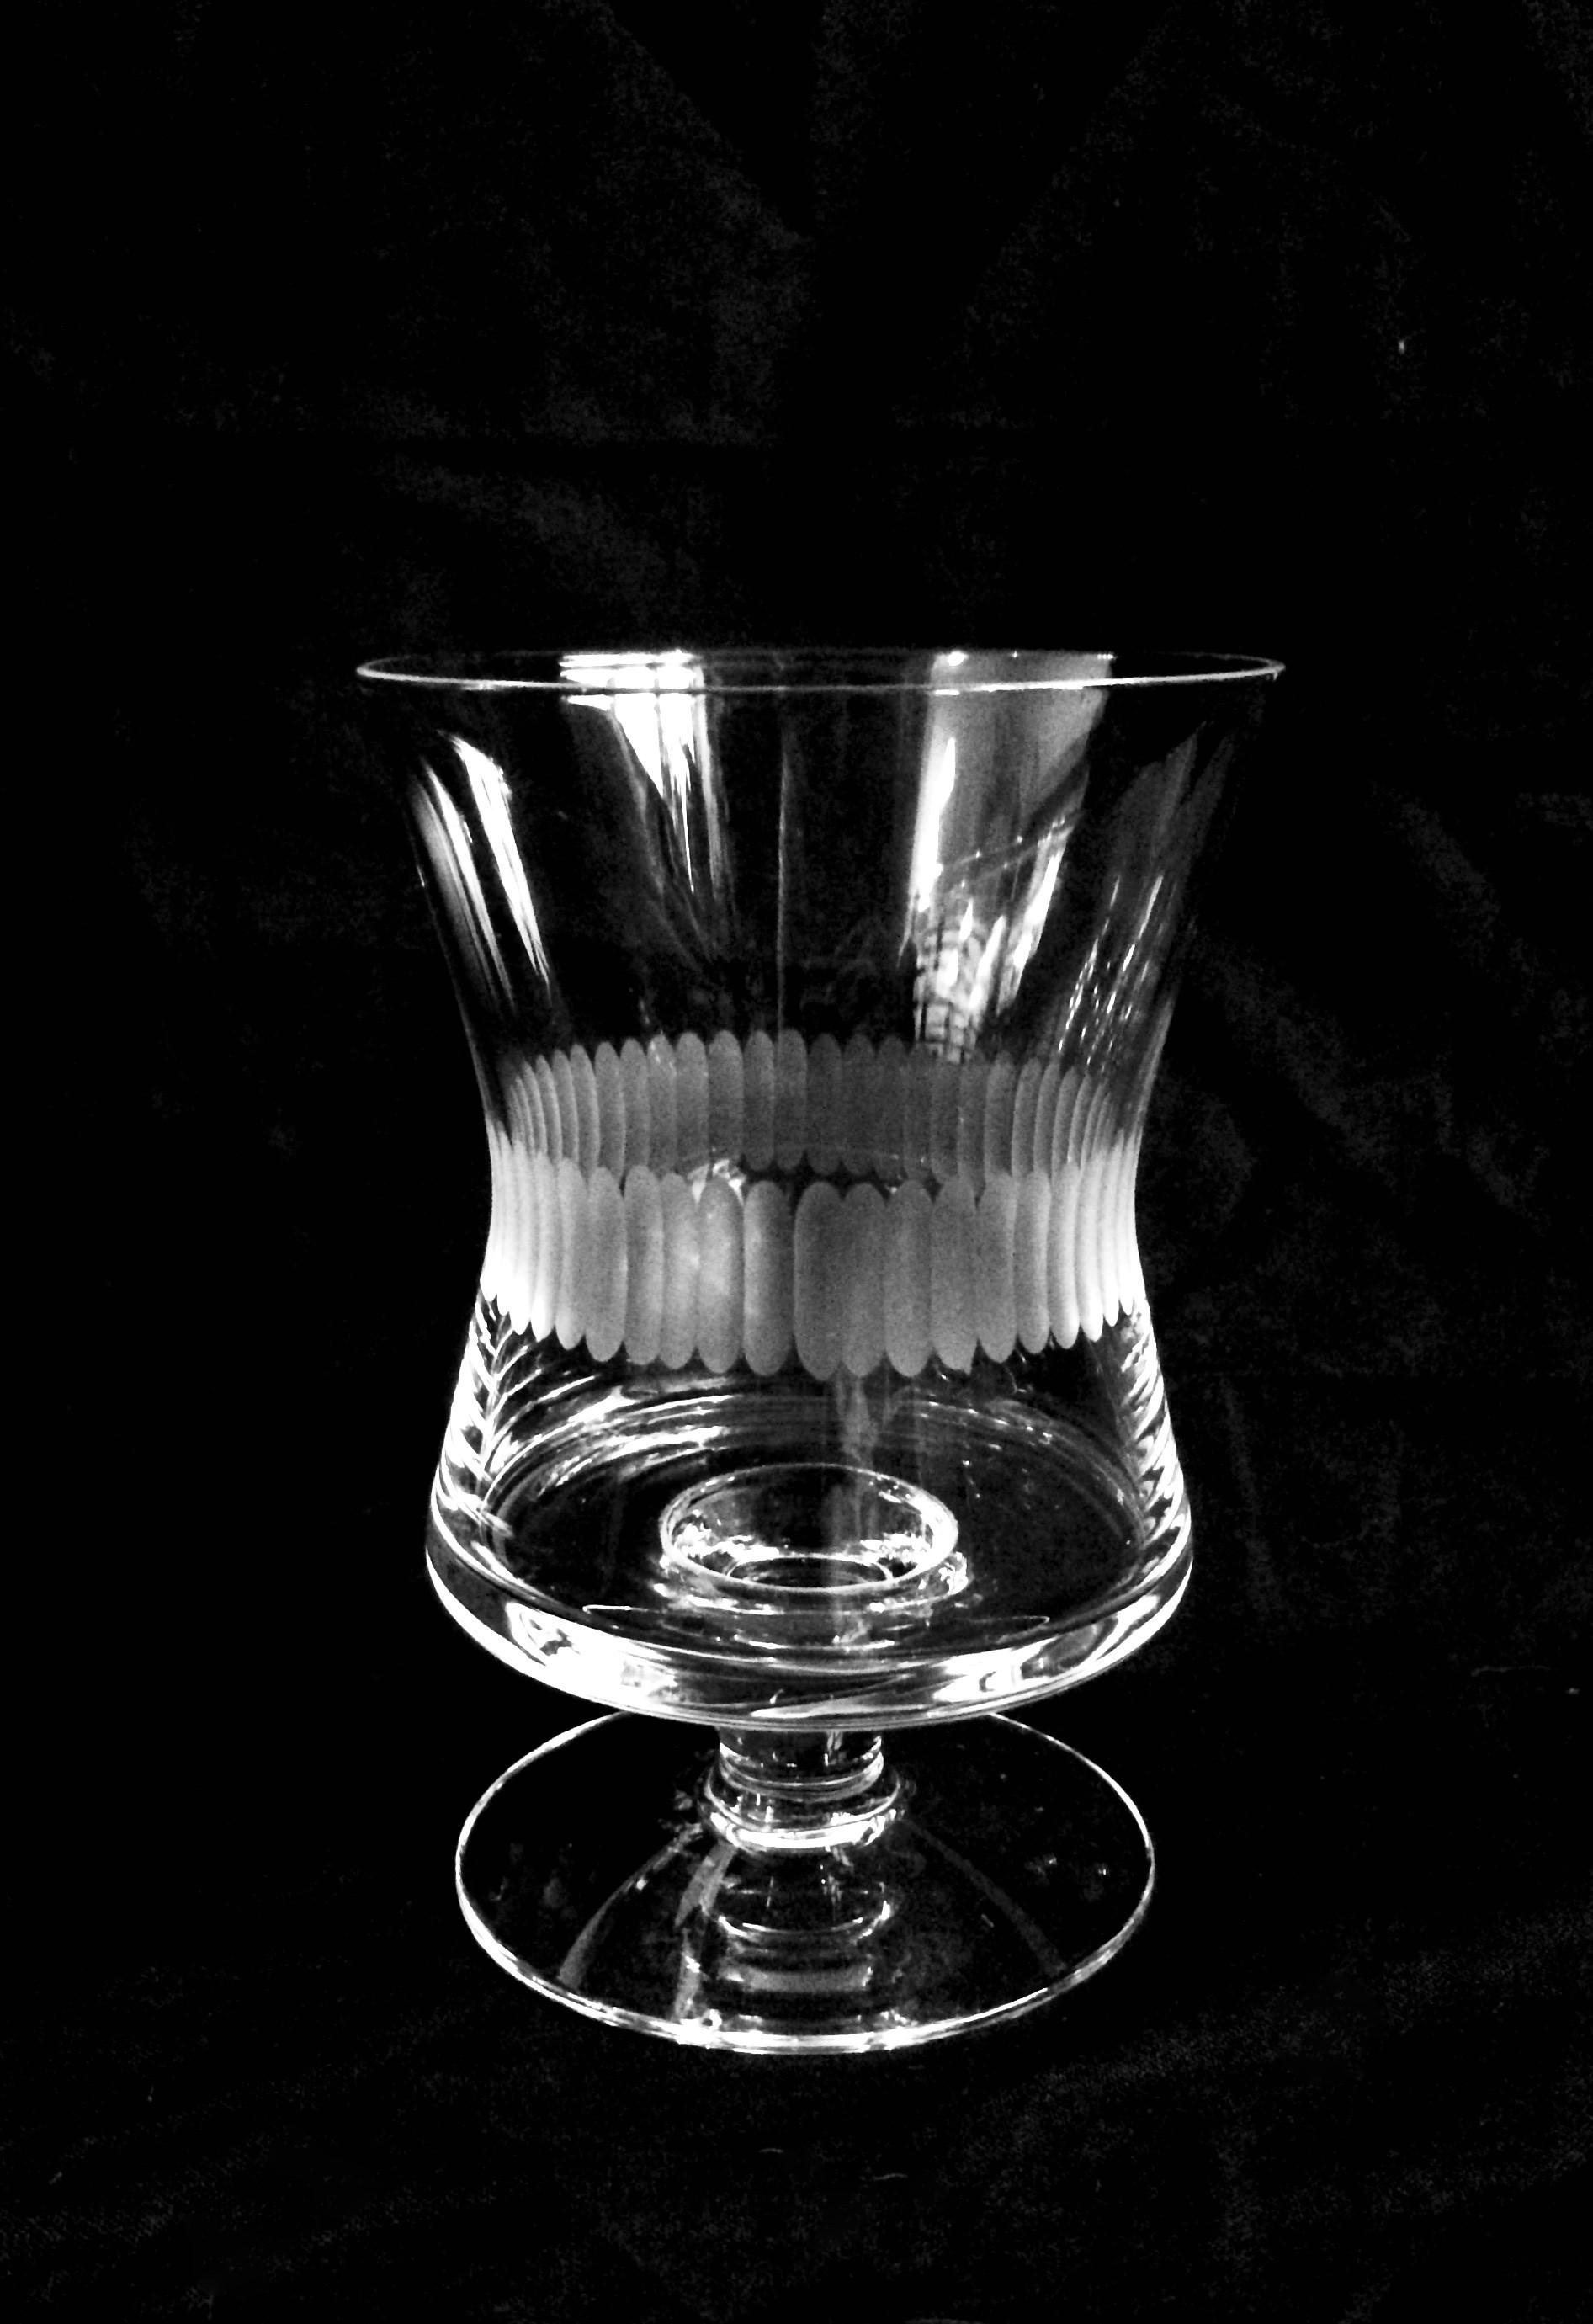 Populære Holmegaard Glas - Solveig - Rødvin 10,5 cm. - Glas - Igen-brugsen IE-49